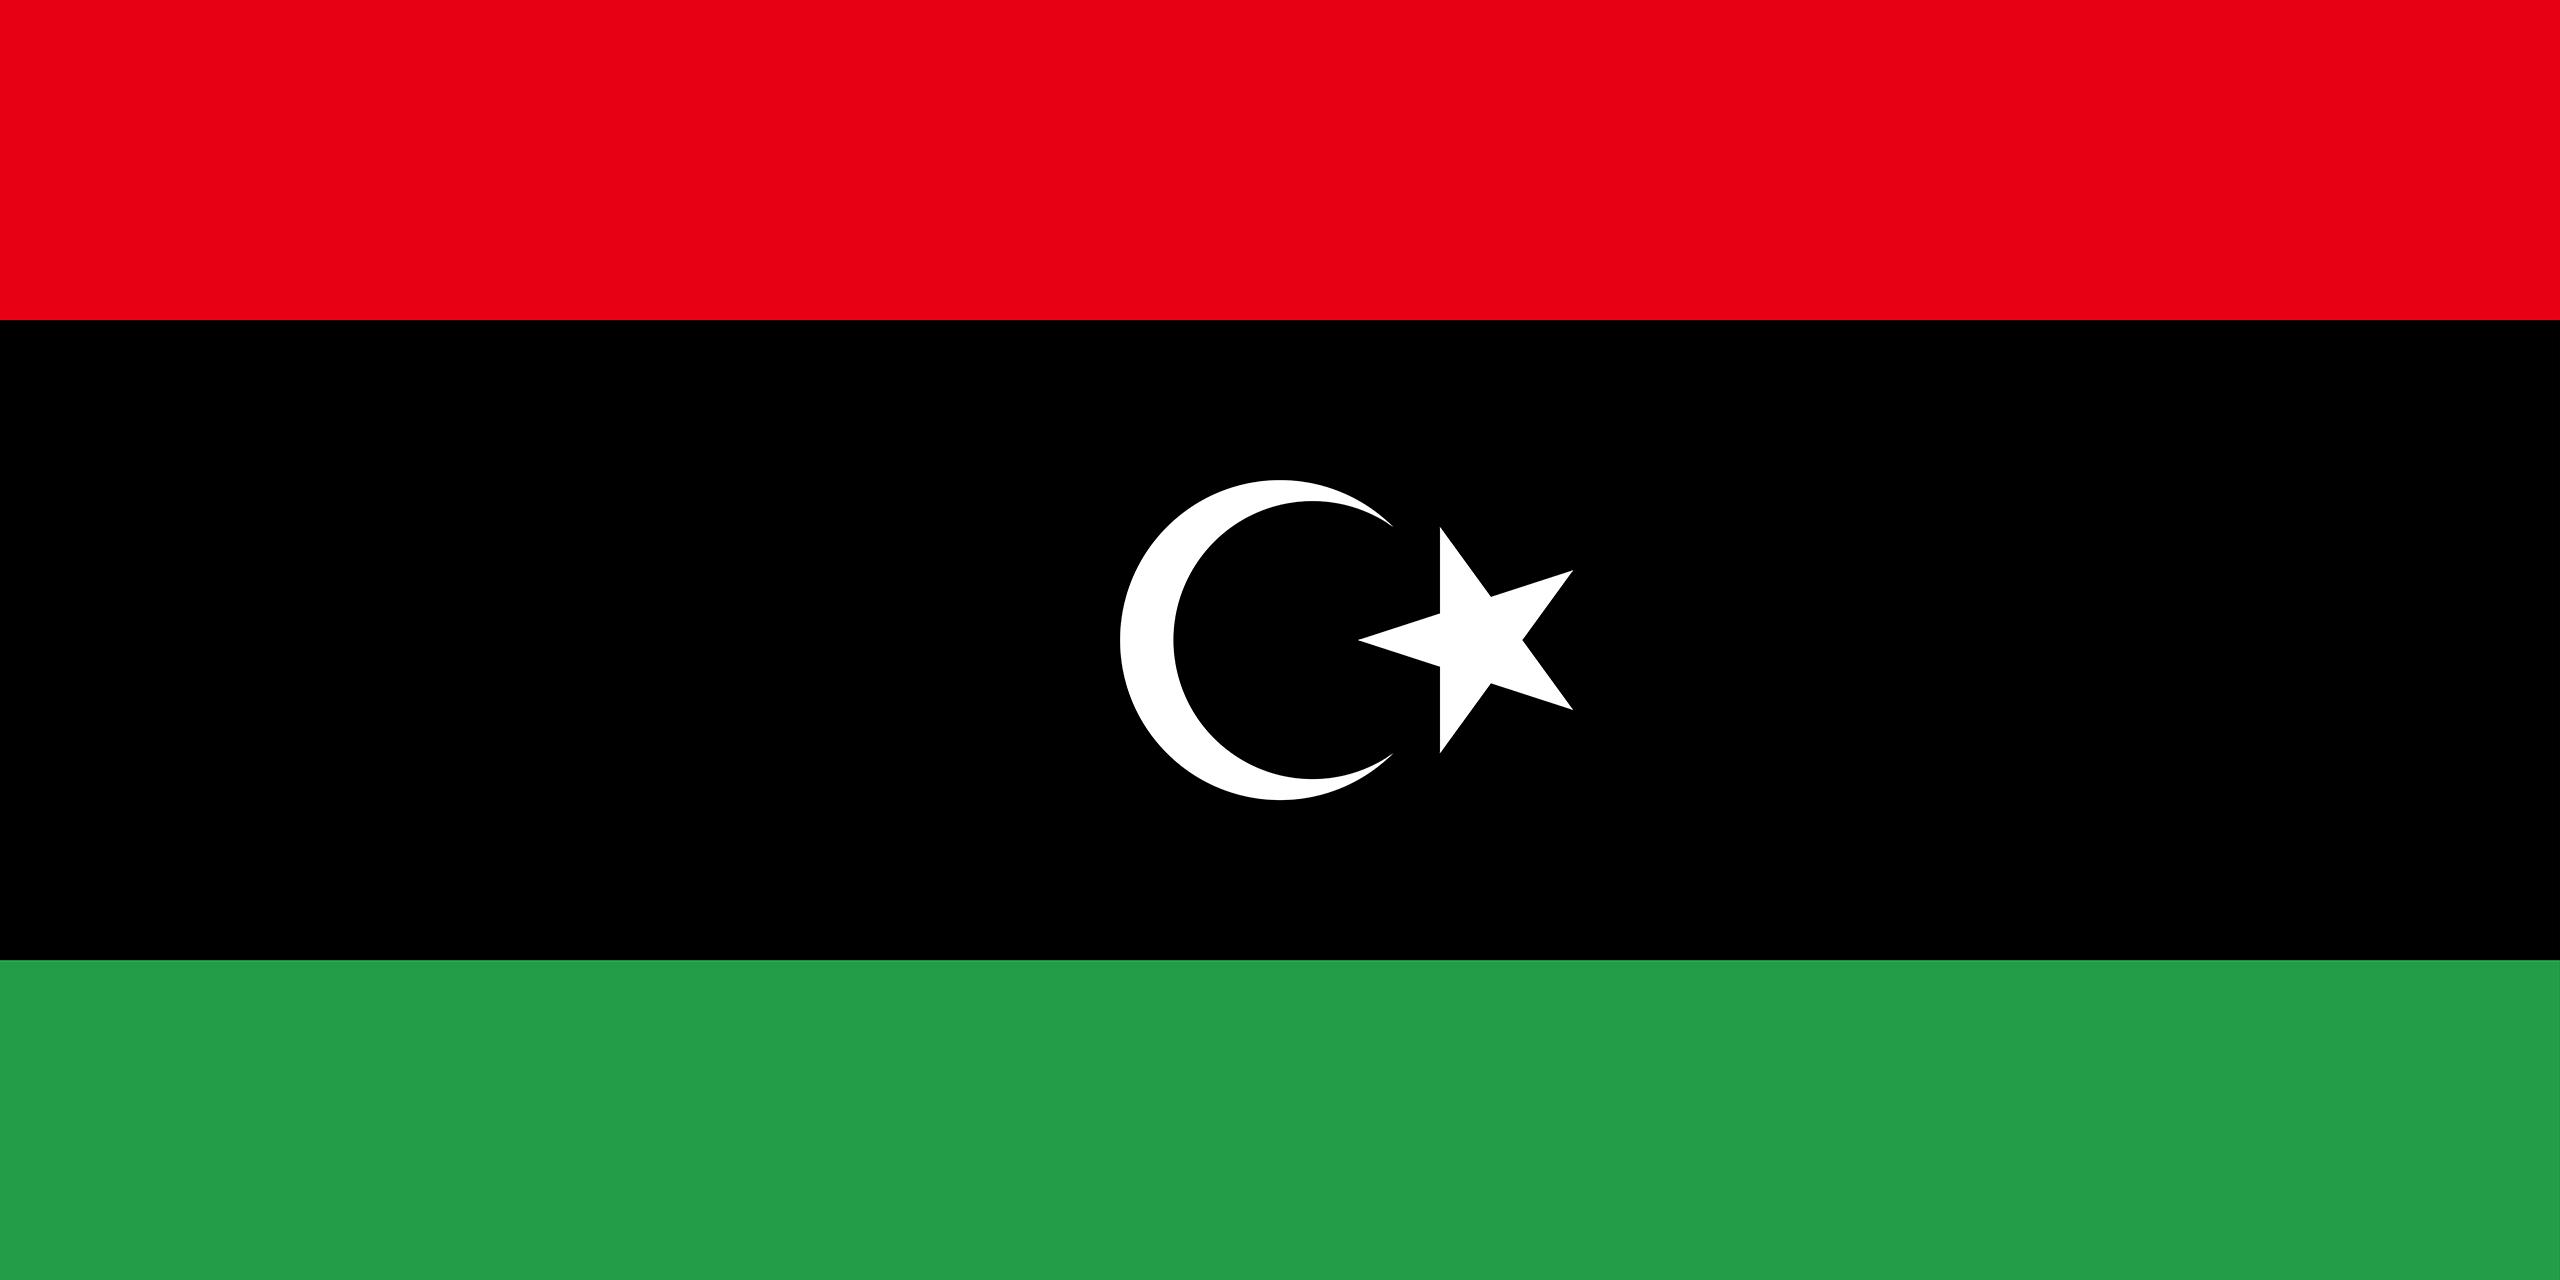 Líbia, país, Brasão de armas, logotipo, símbolo - Papéis de parede HD - Professor-falken.com